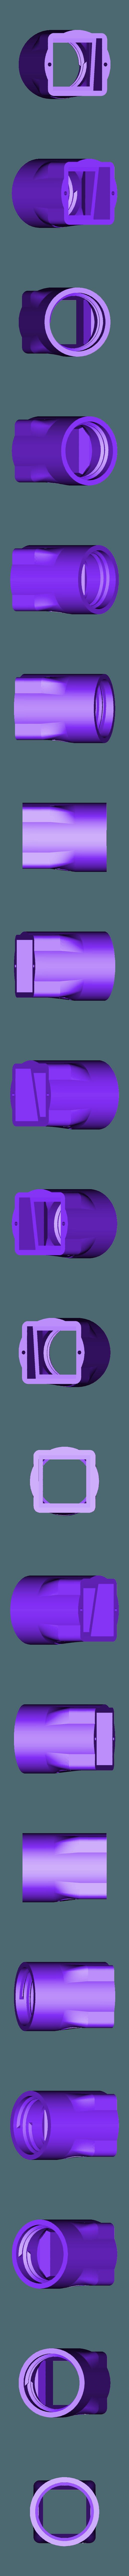 Bottle-pencil-sharpener-BODY-v2 .stl Download free STL file Bottle pencil sharpener (container) • 3D printer model, topedesigns